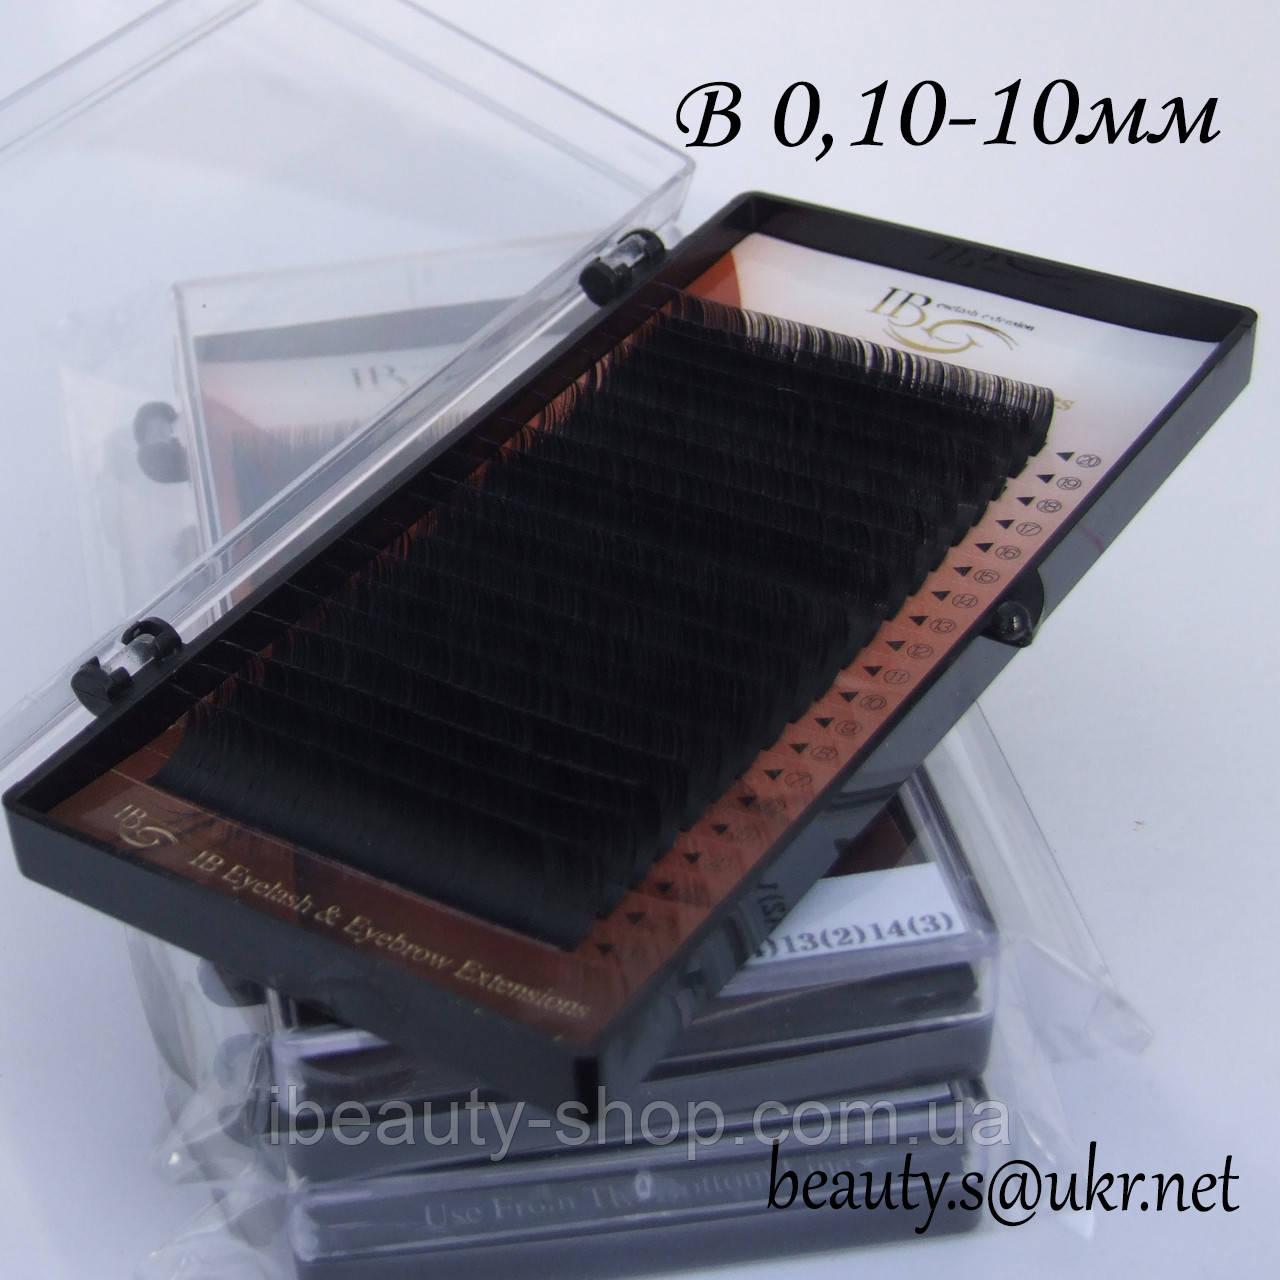 Ресницы  I-Beauty на ленте B 0,10-10мм